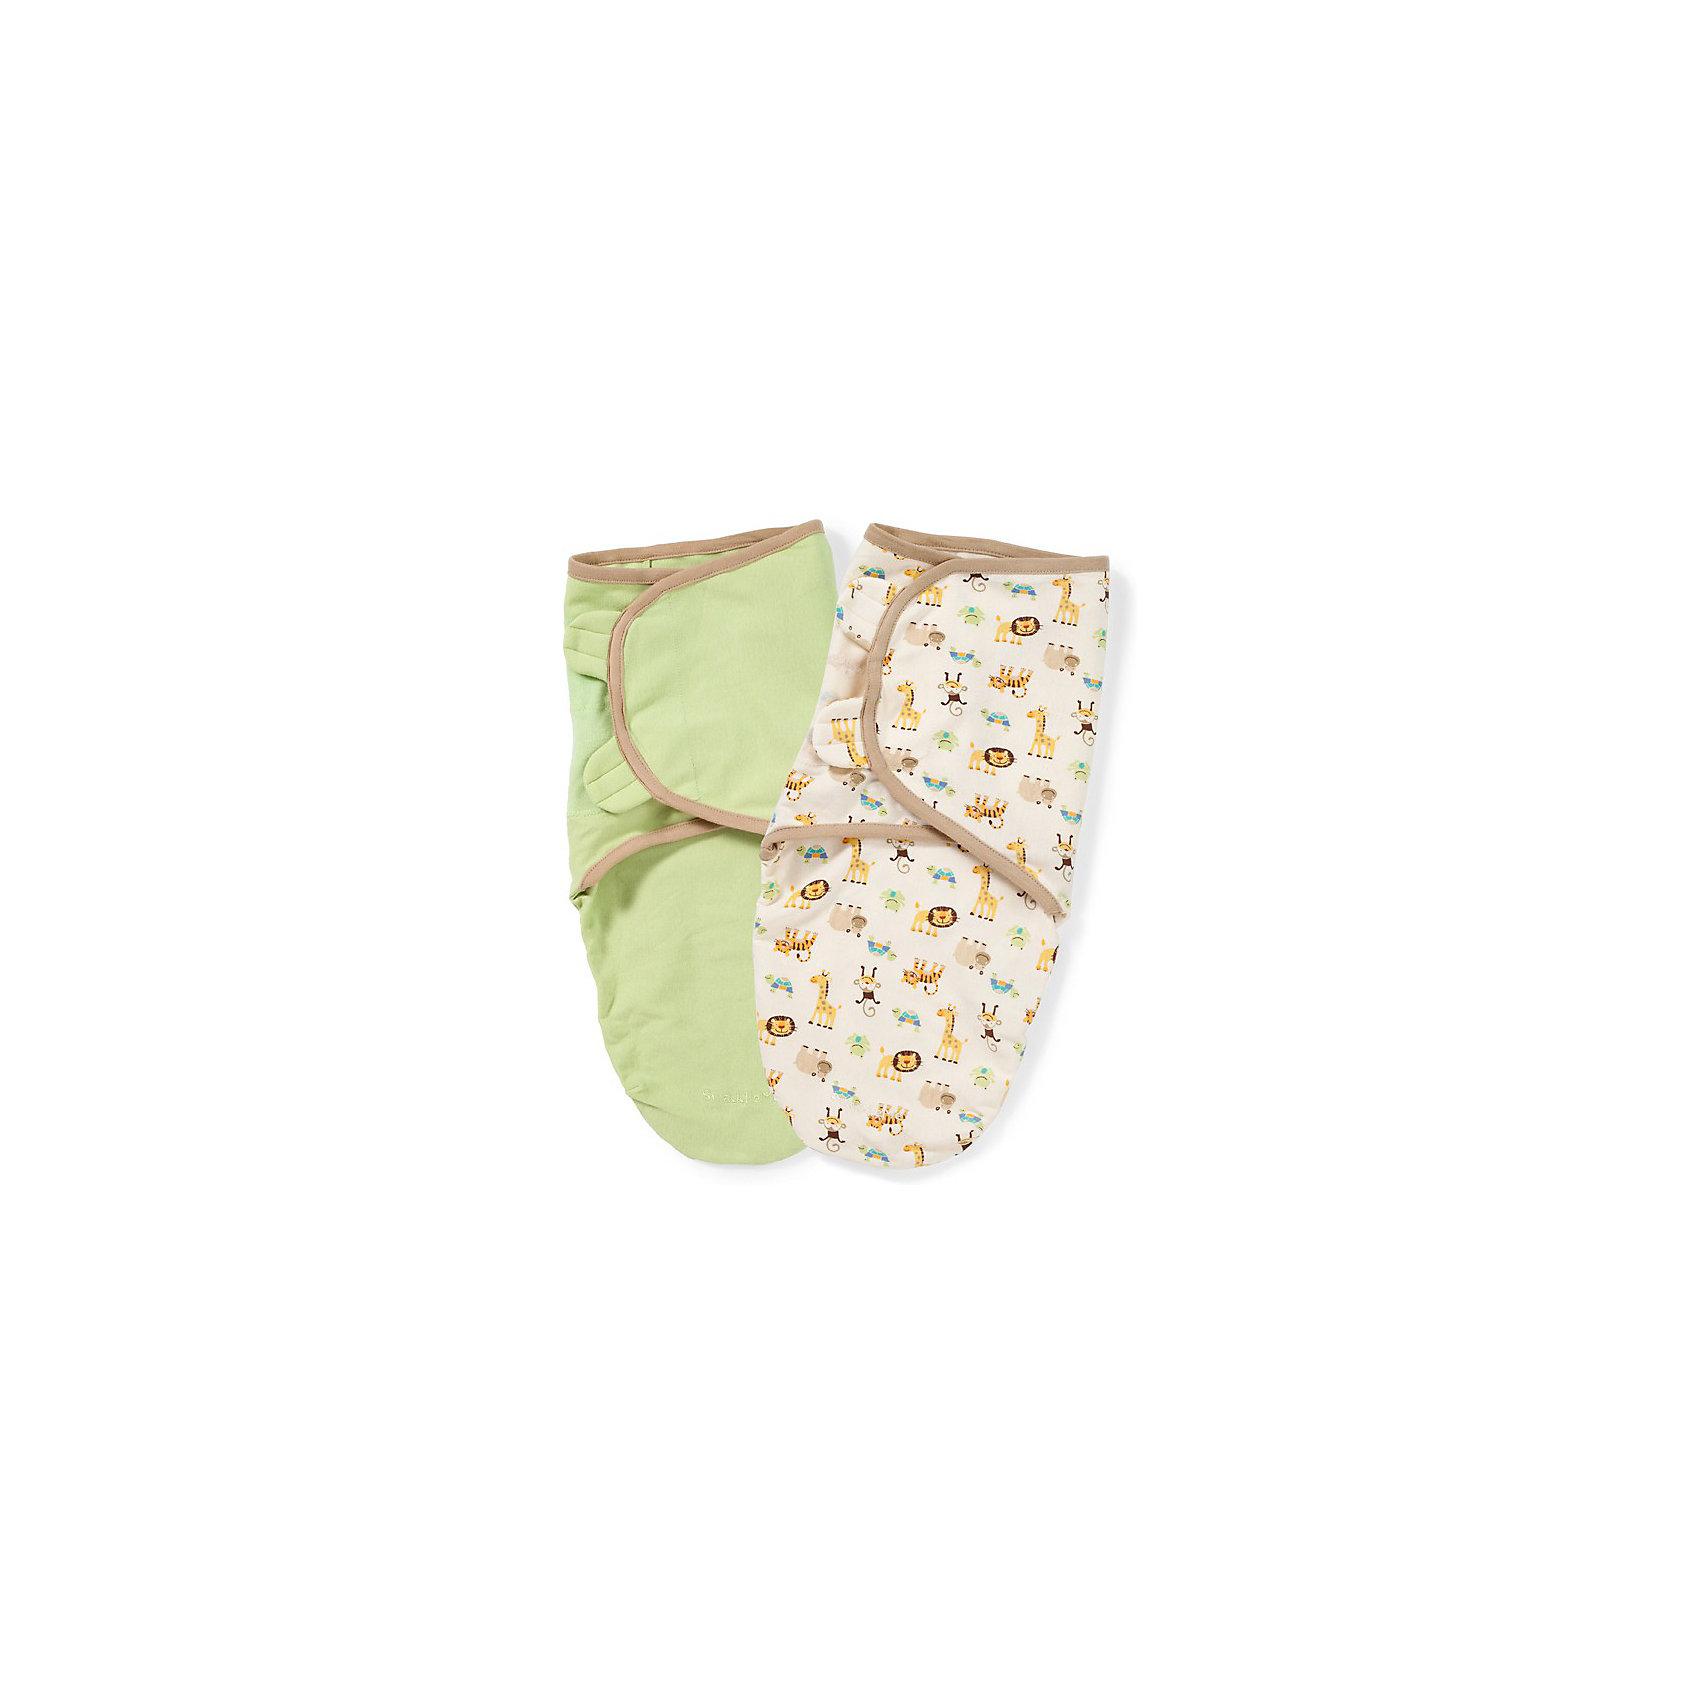 Конверт для пеленания на липучке SWADDLEME ORGANIC, р-р S/M, 3-6 кг., 2 штуки, зеленый/джунгли